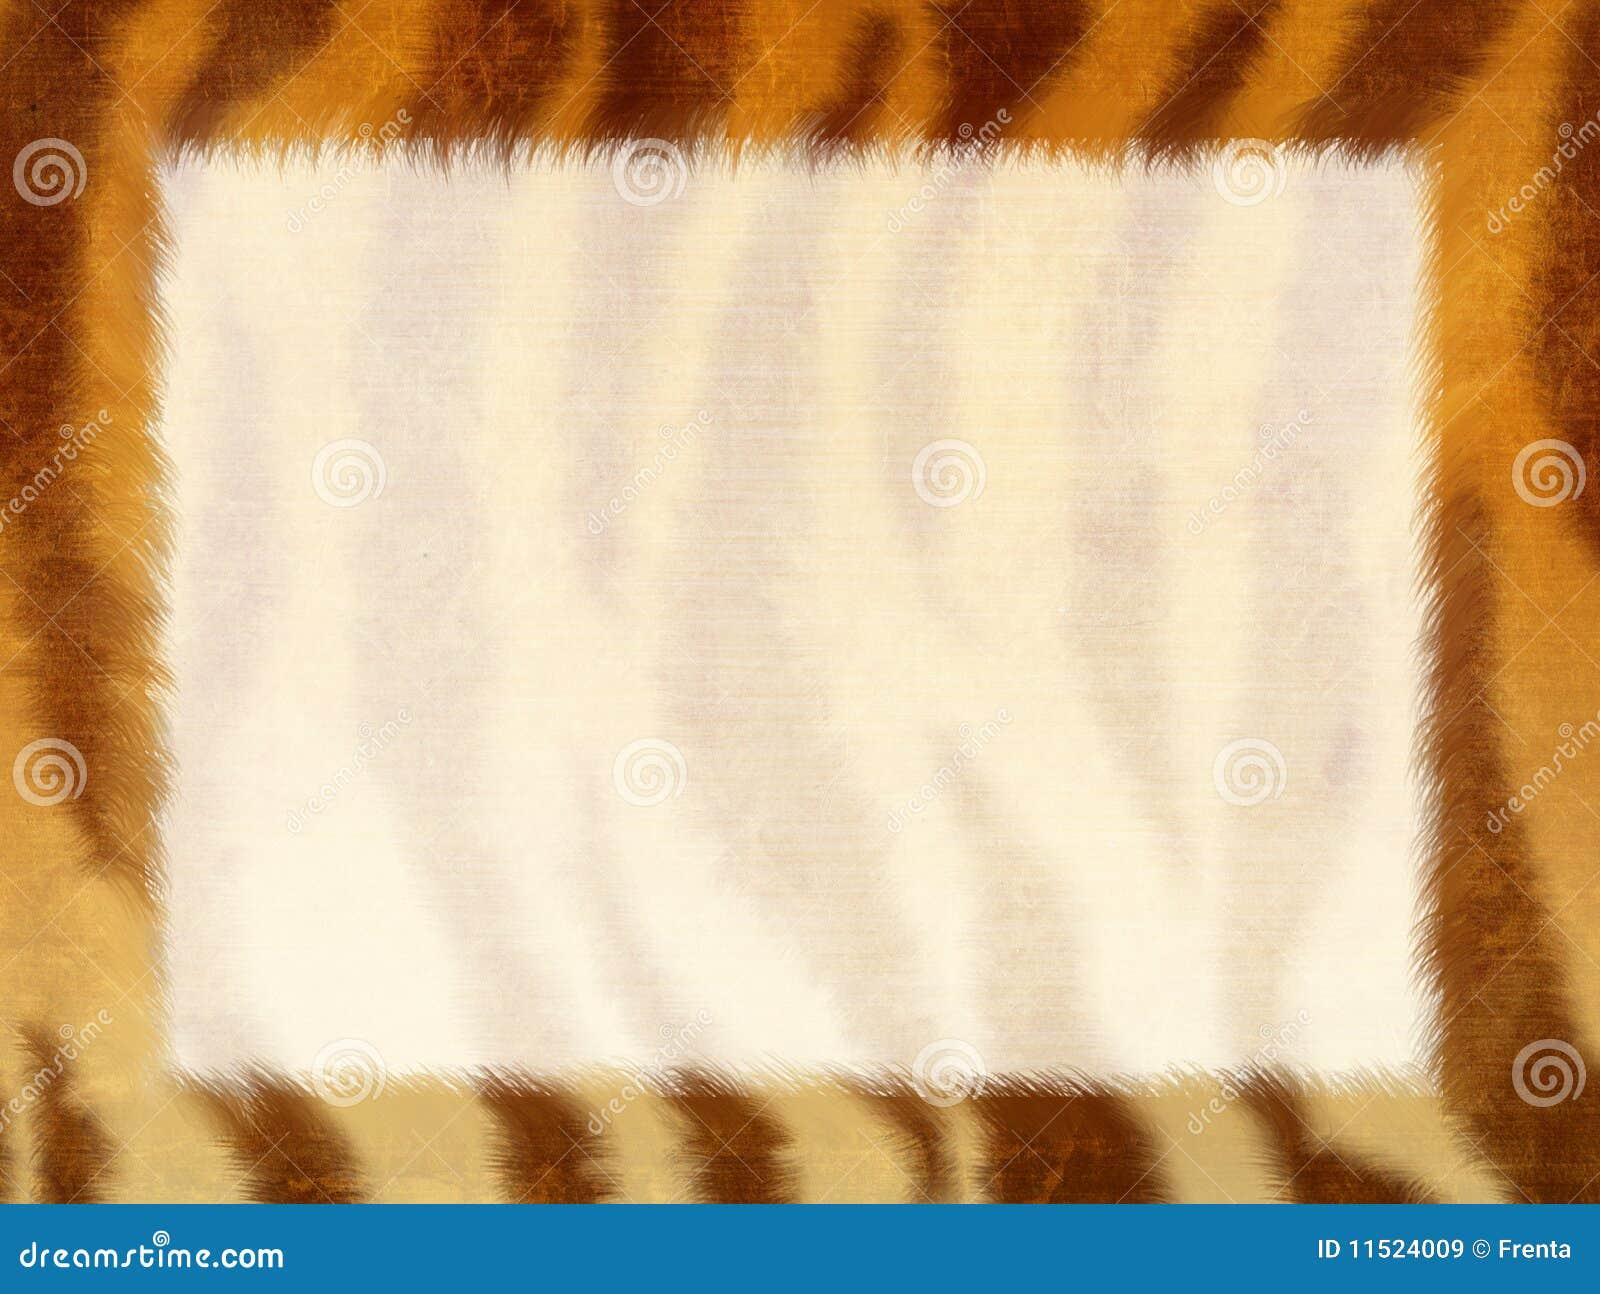 Marco De Grunge - Piel De Un Tigre Imagen de archivo - Imagen de ...